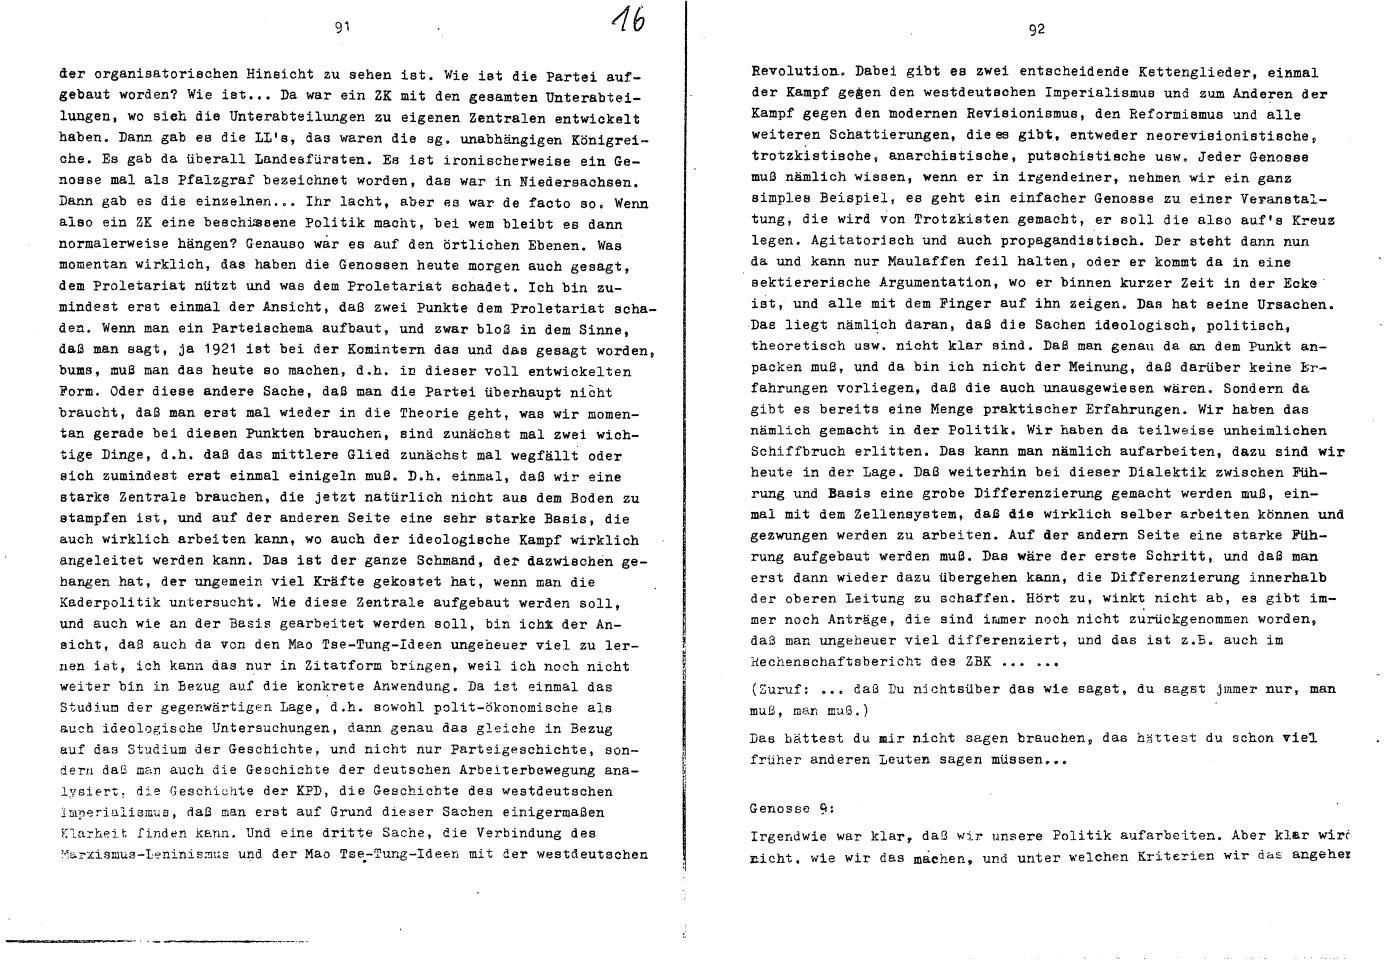 KPDML_1971_Wortprotokolle_aoPt_035